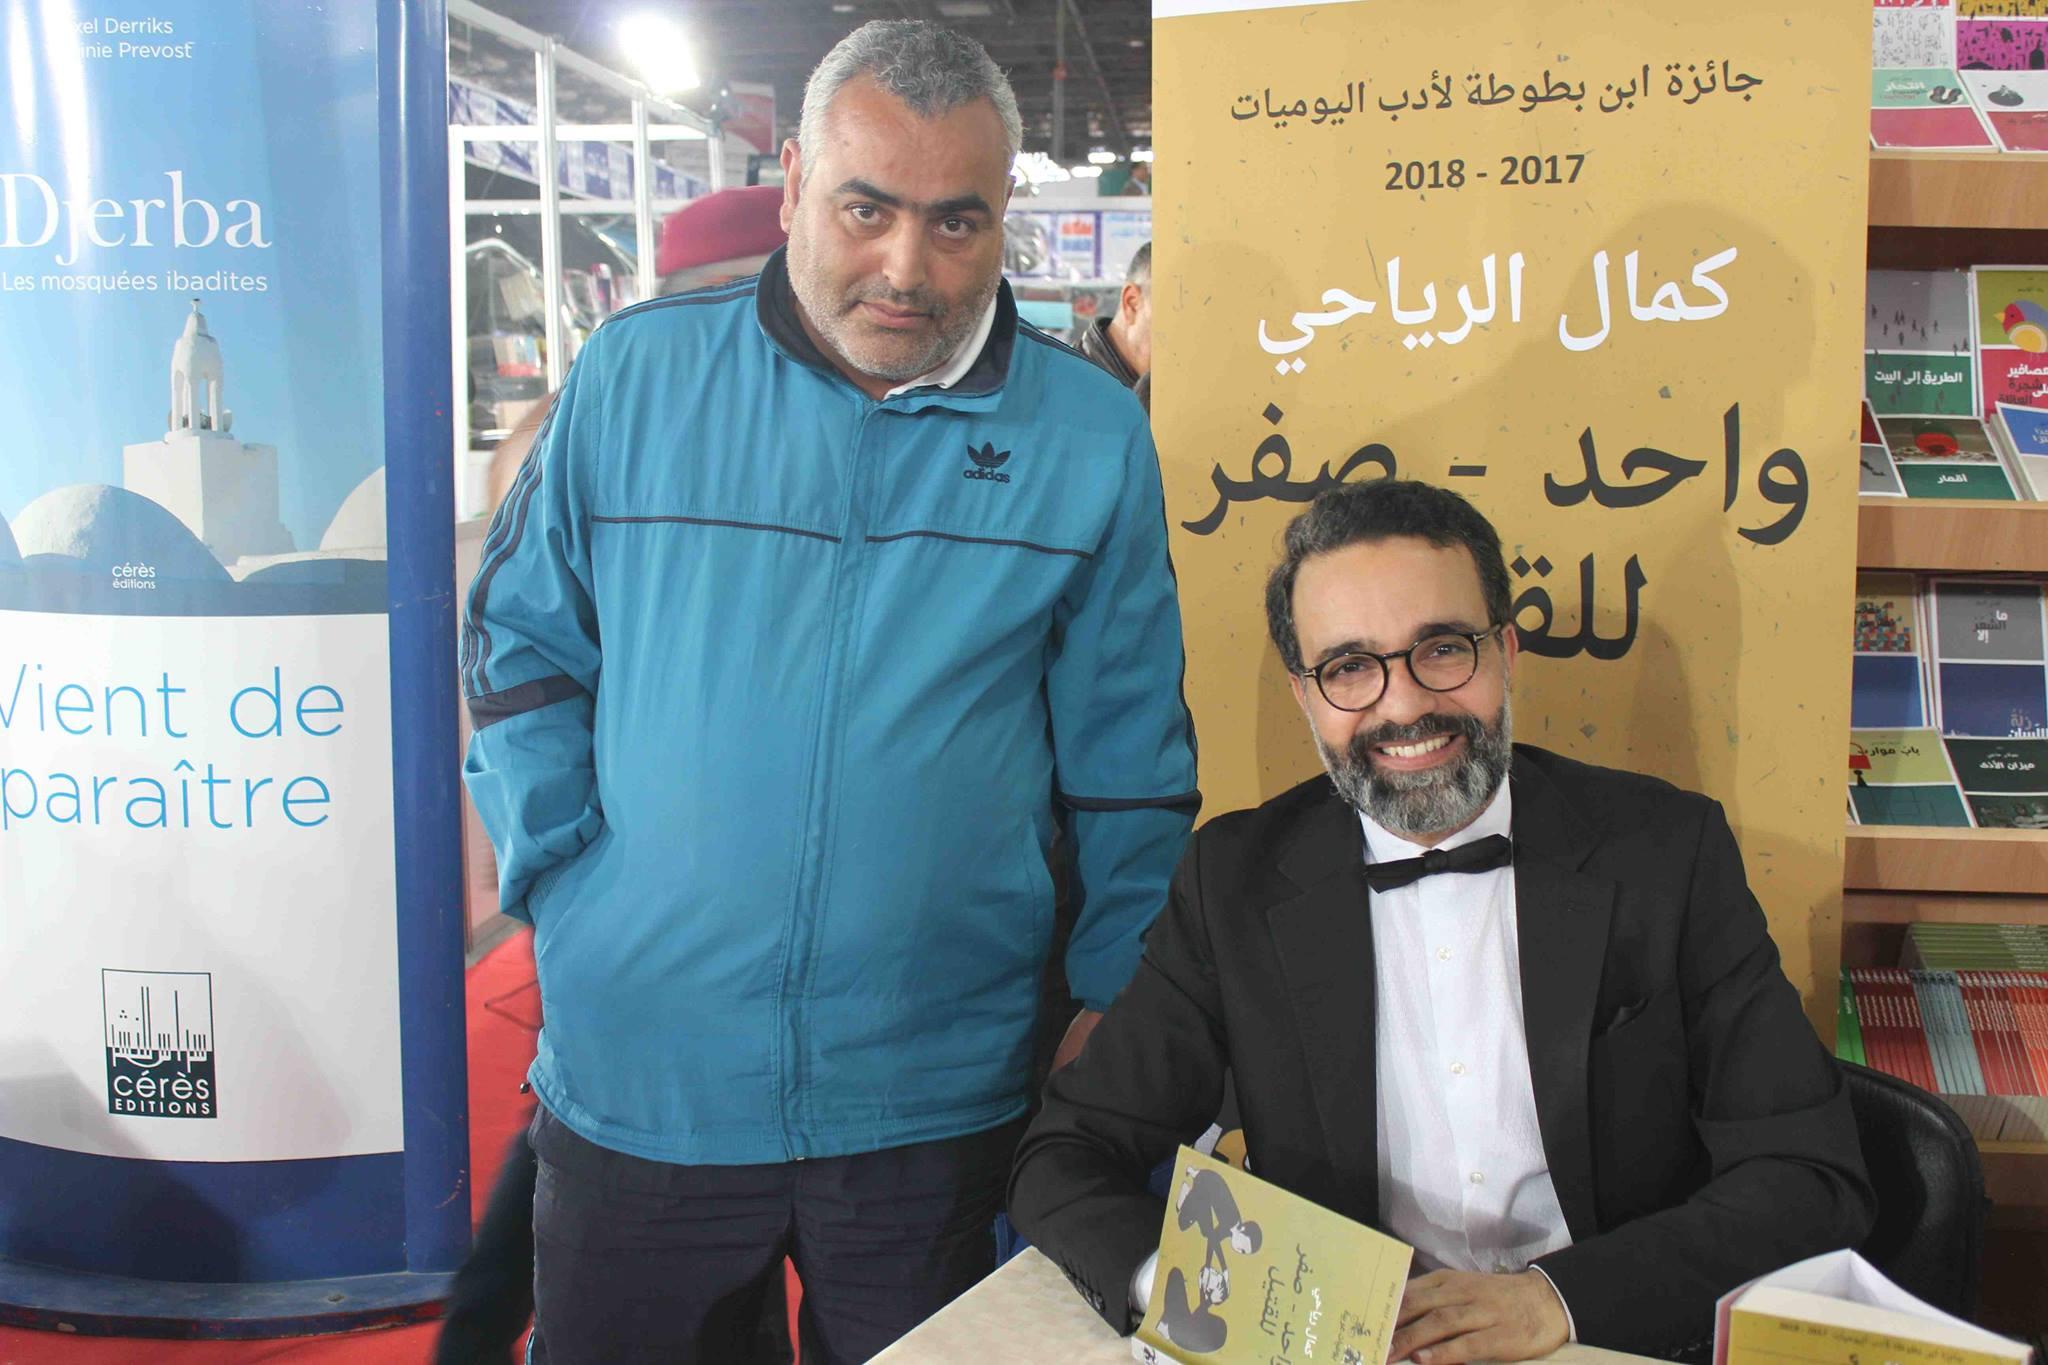 كمال الرياحى يوقع كتابه واحد صفر للقتيل الفائز بجائزة ابن بطوطة فى معرض تونس (11)